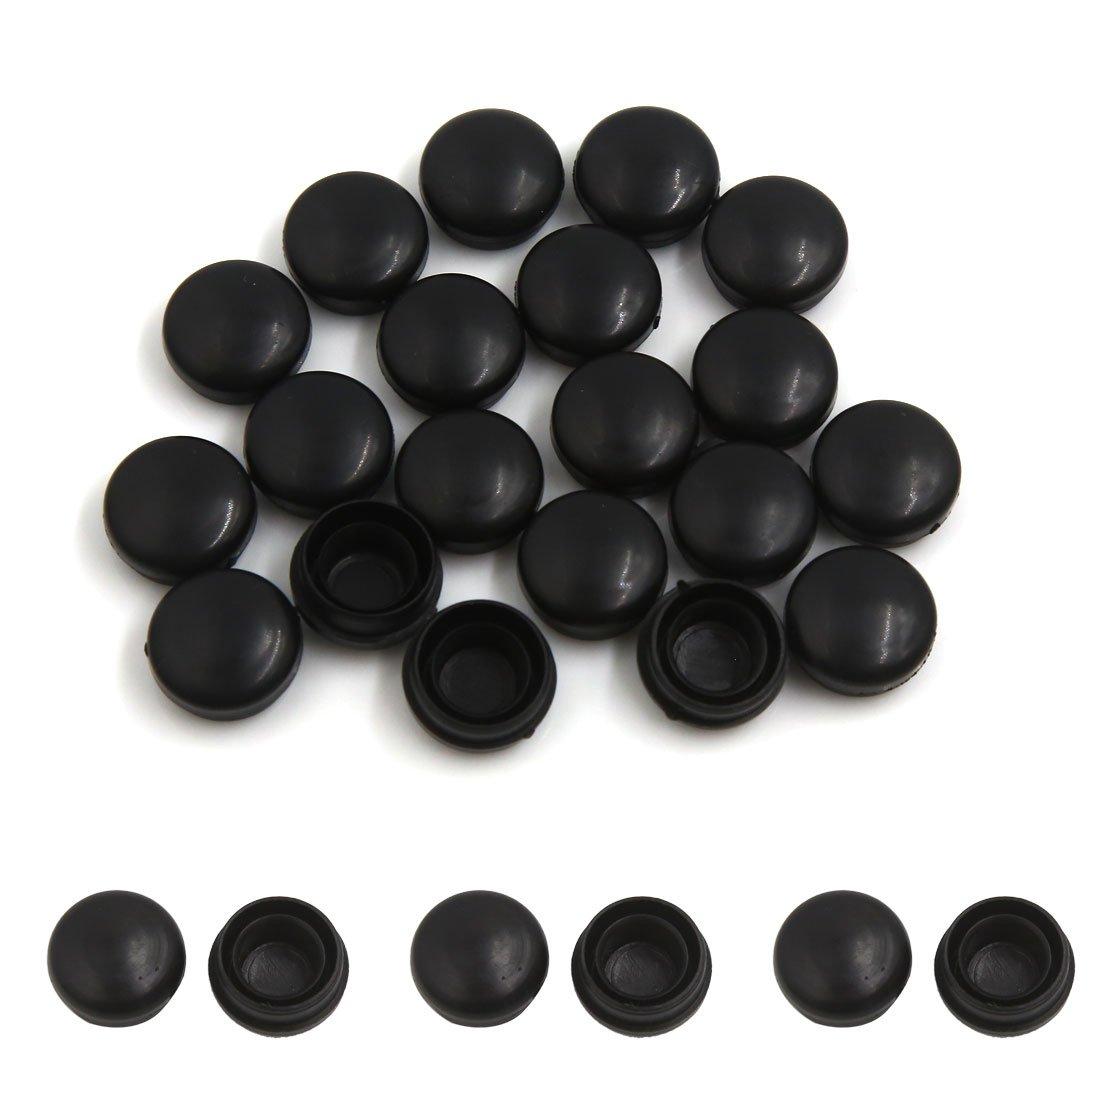 Sourcingmap 20Pcs 13mm Diámetro Tapa Plástico Remaches de Limpiaparabrisas Sujeción Negro: Amazon.es: Coche y moto